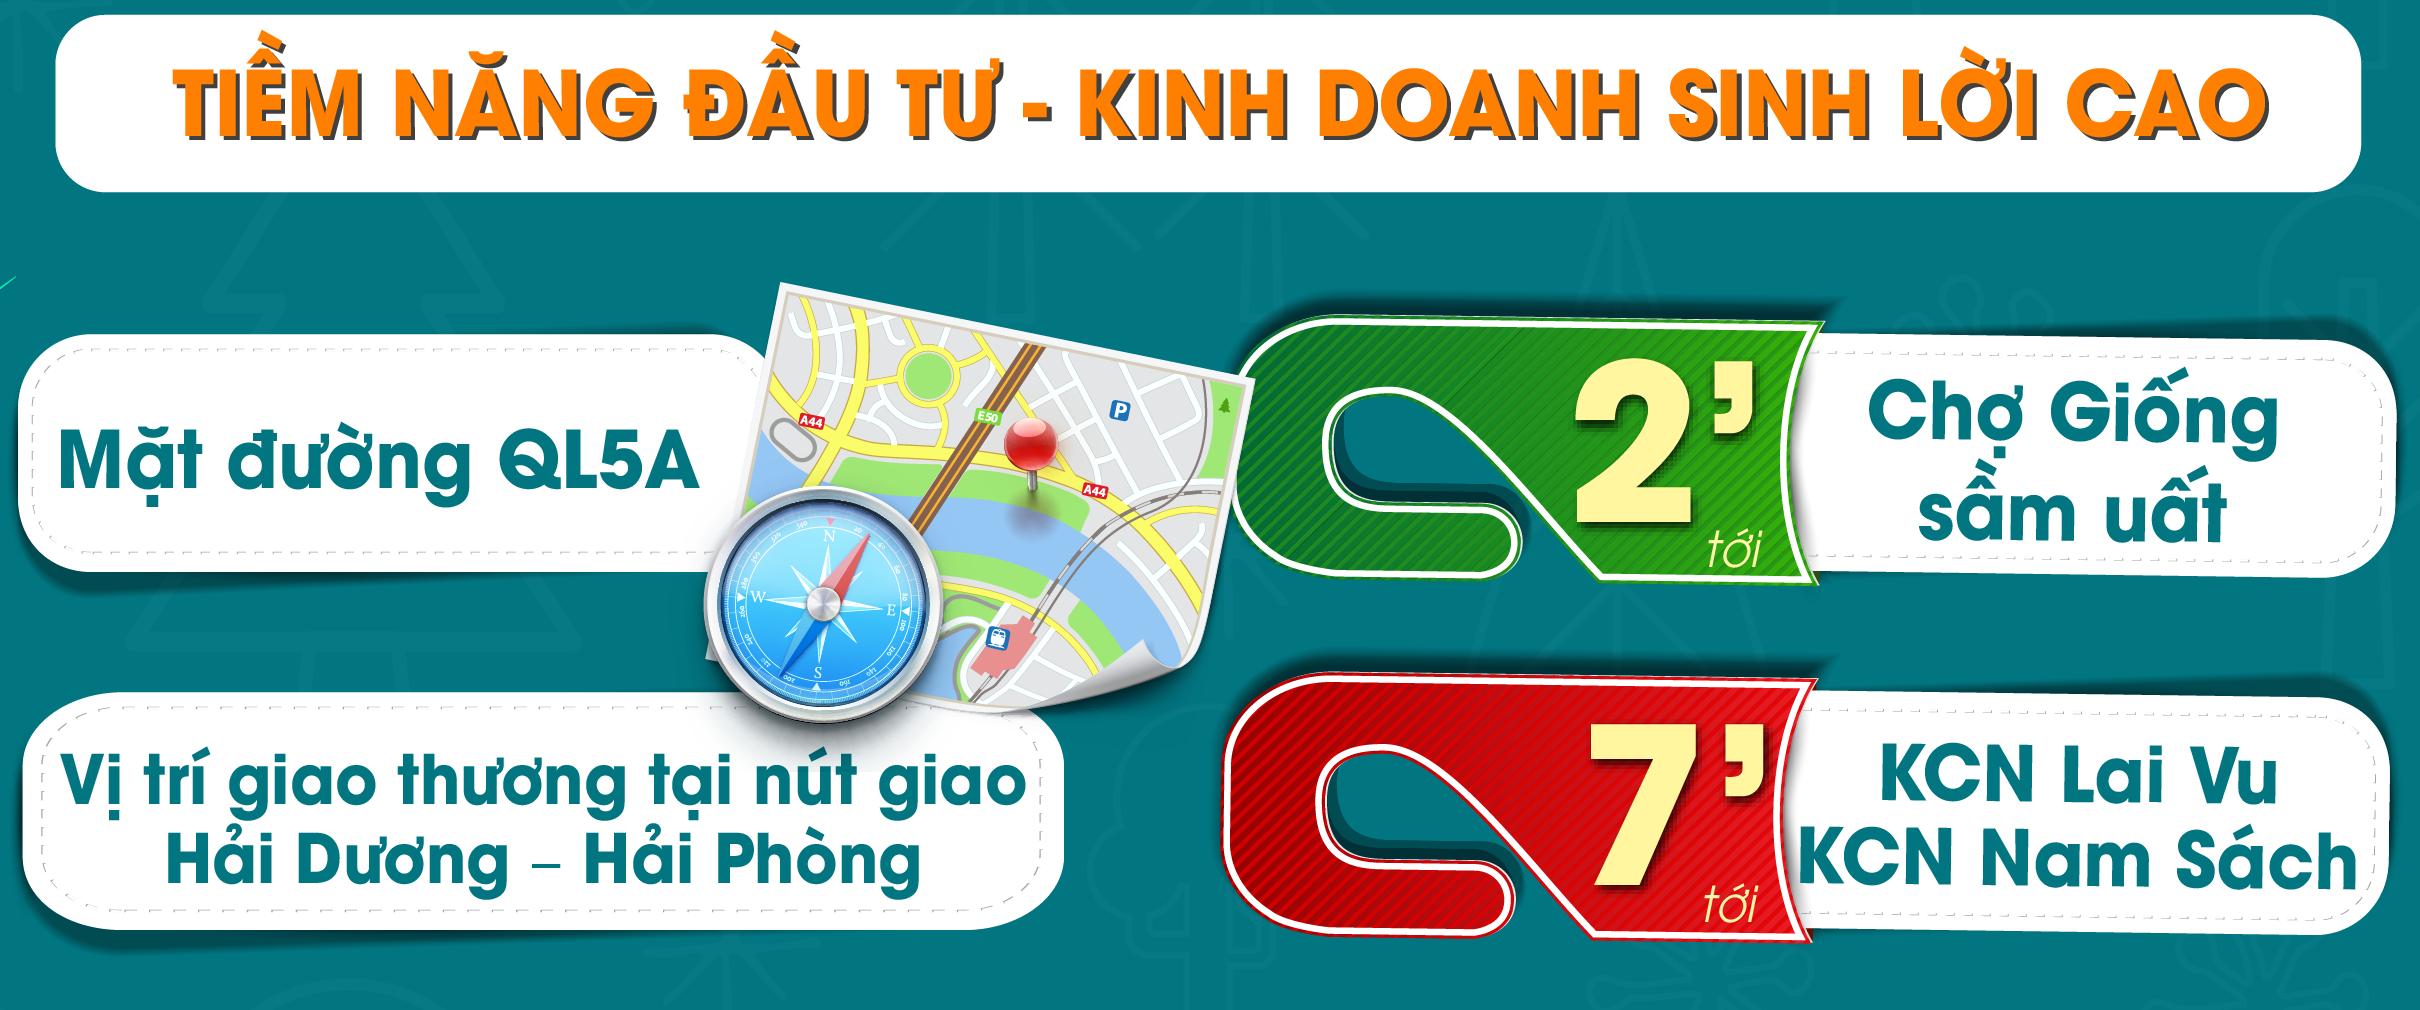 Liên kết vùng thuận tiện của khu dân cư mới Cổ Dũng - huyện Kim Thành, Hải Dương